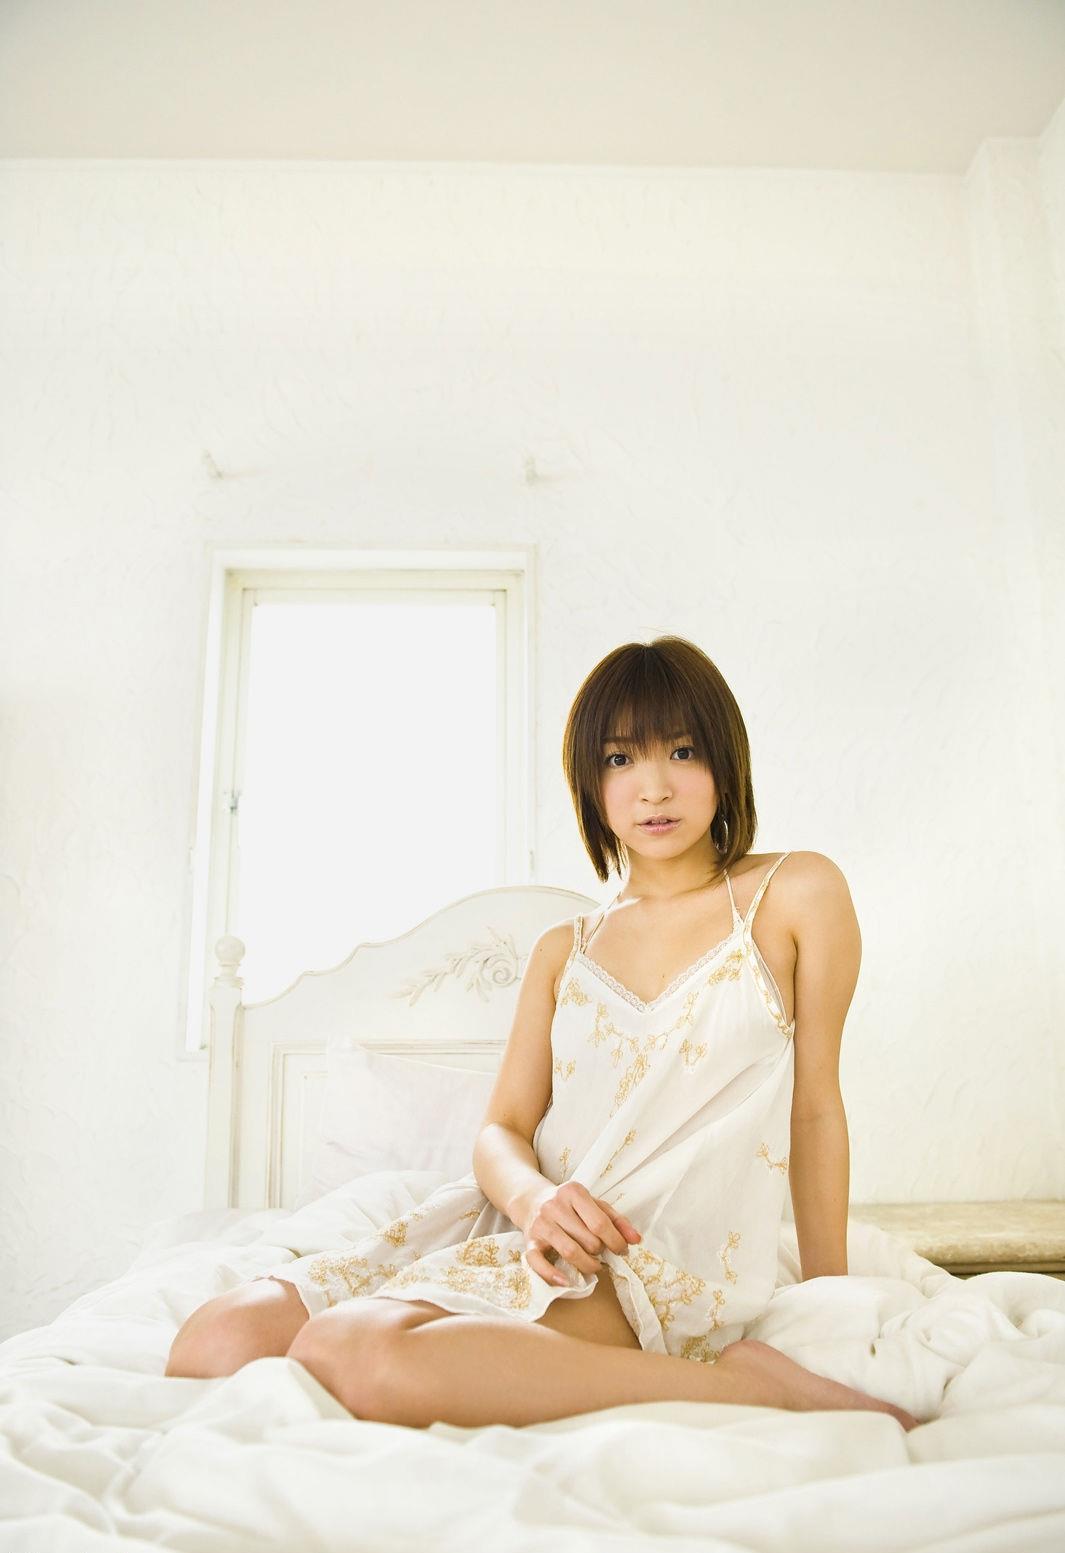 田中涼子 エロ画像 88